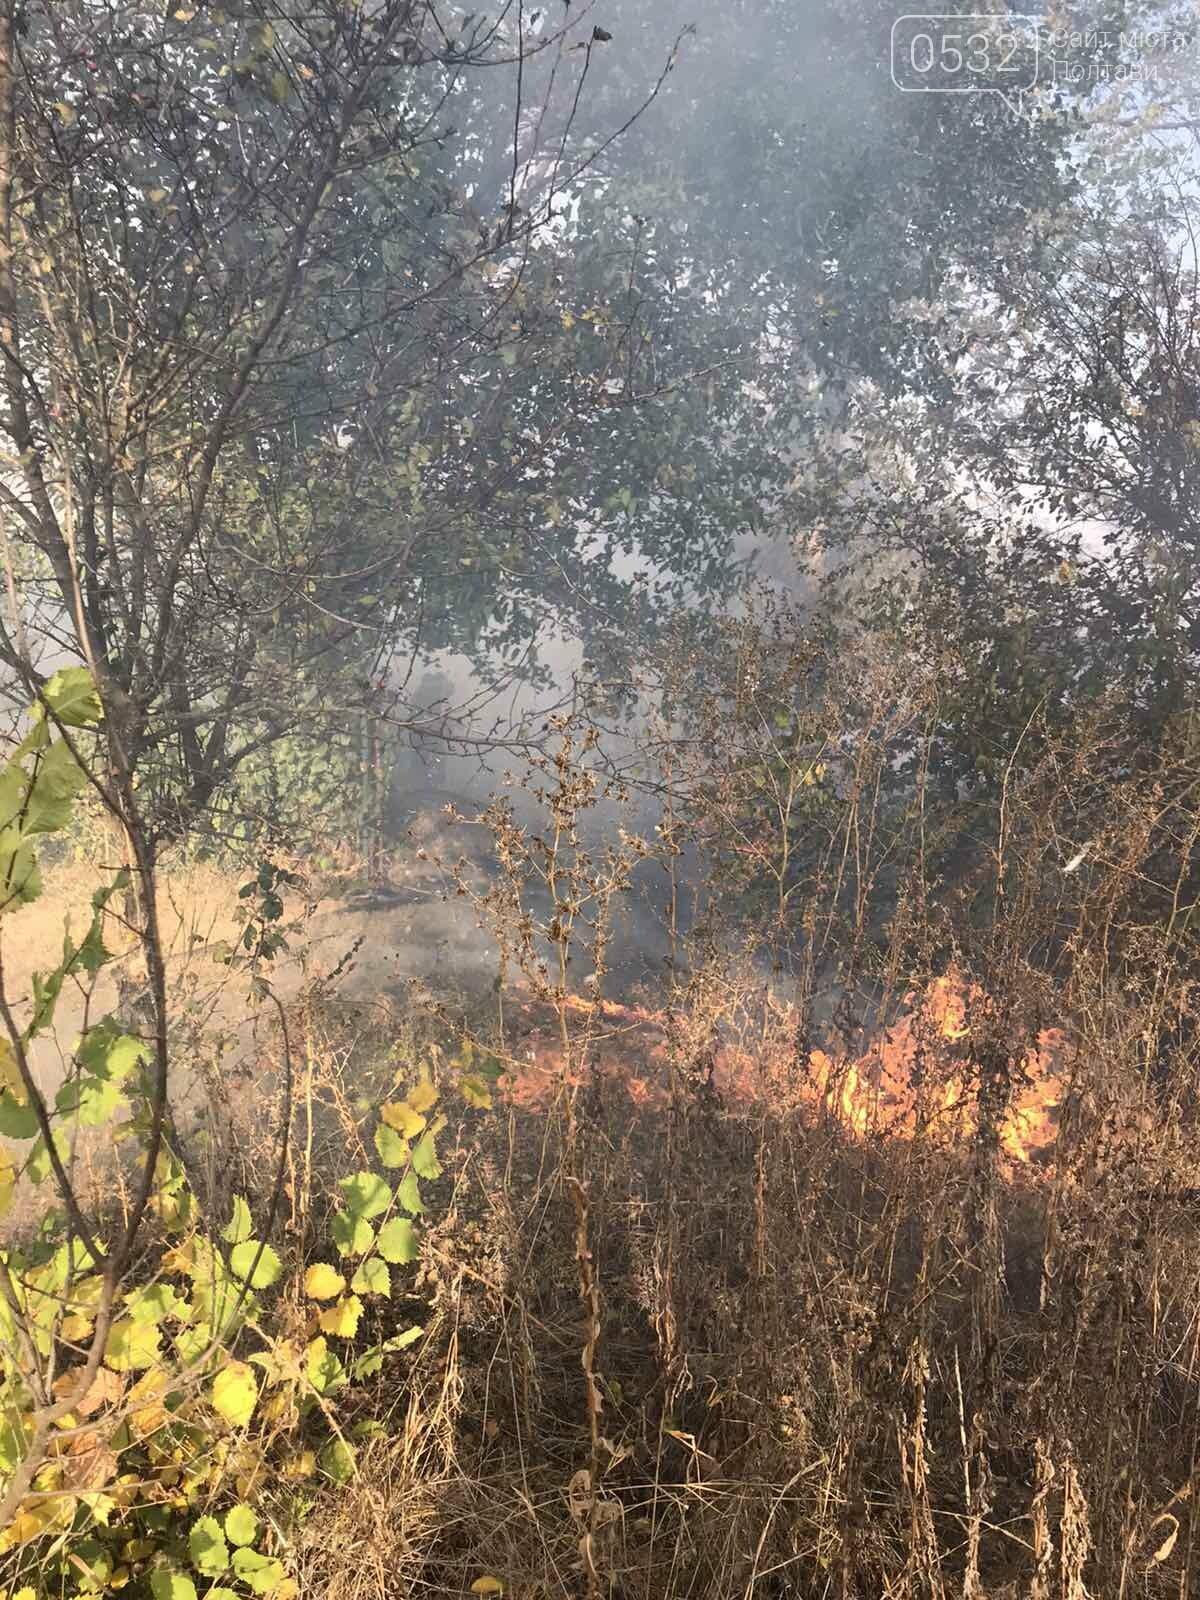 На Полтавщині за добу загасили 30 пожеж на відкритій території, фото-6